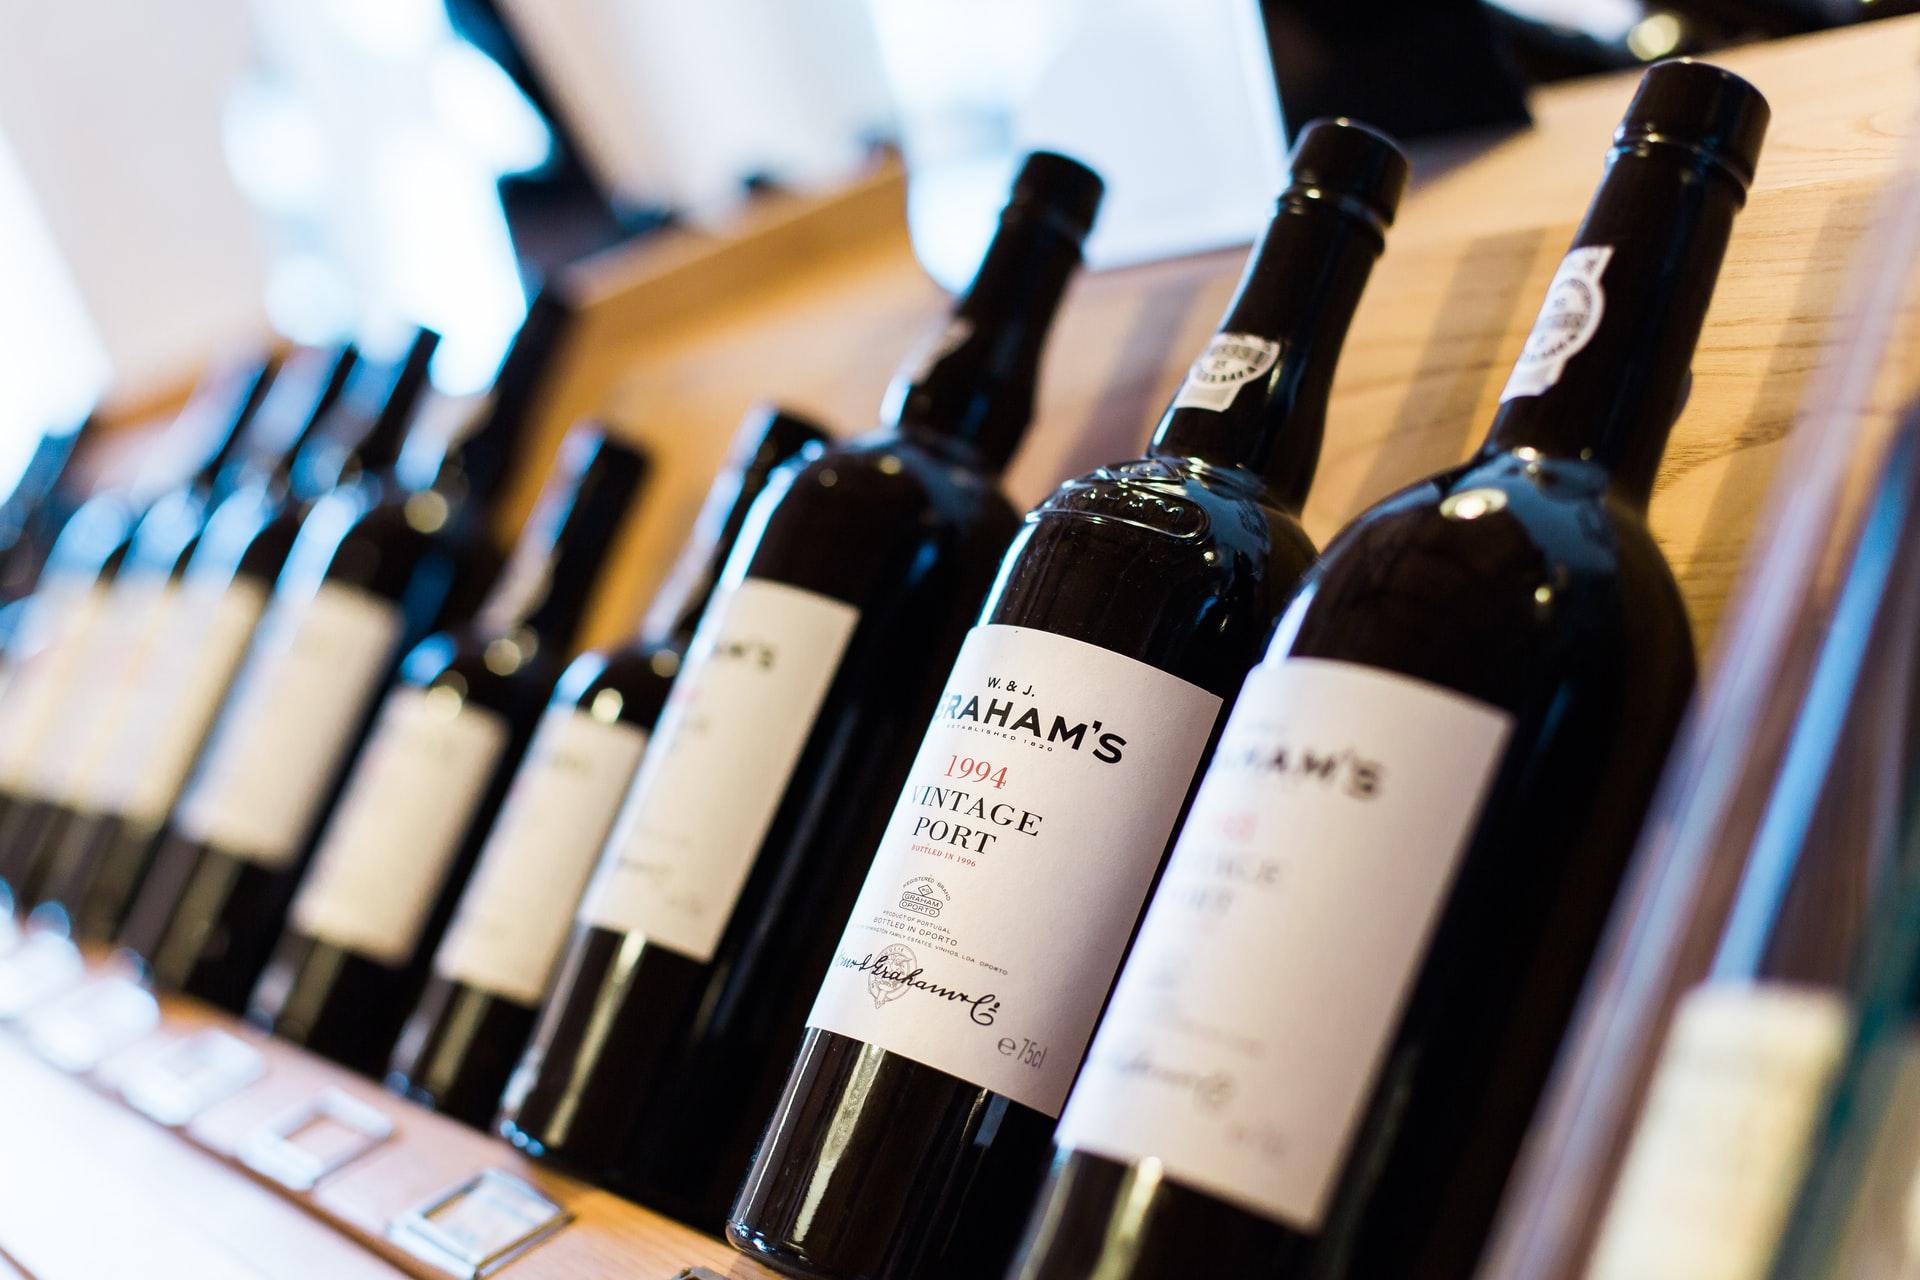 bottles of port wine